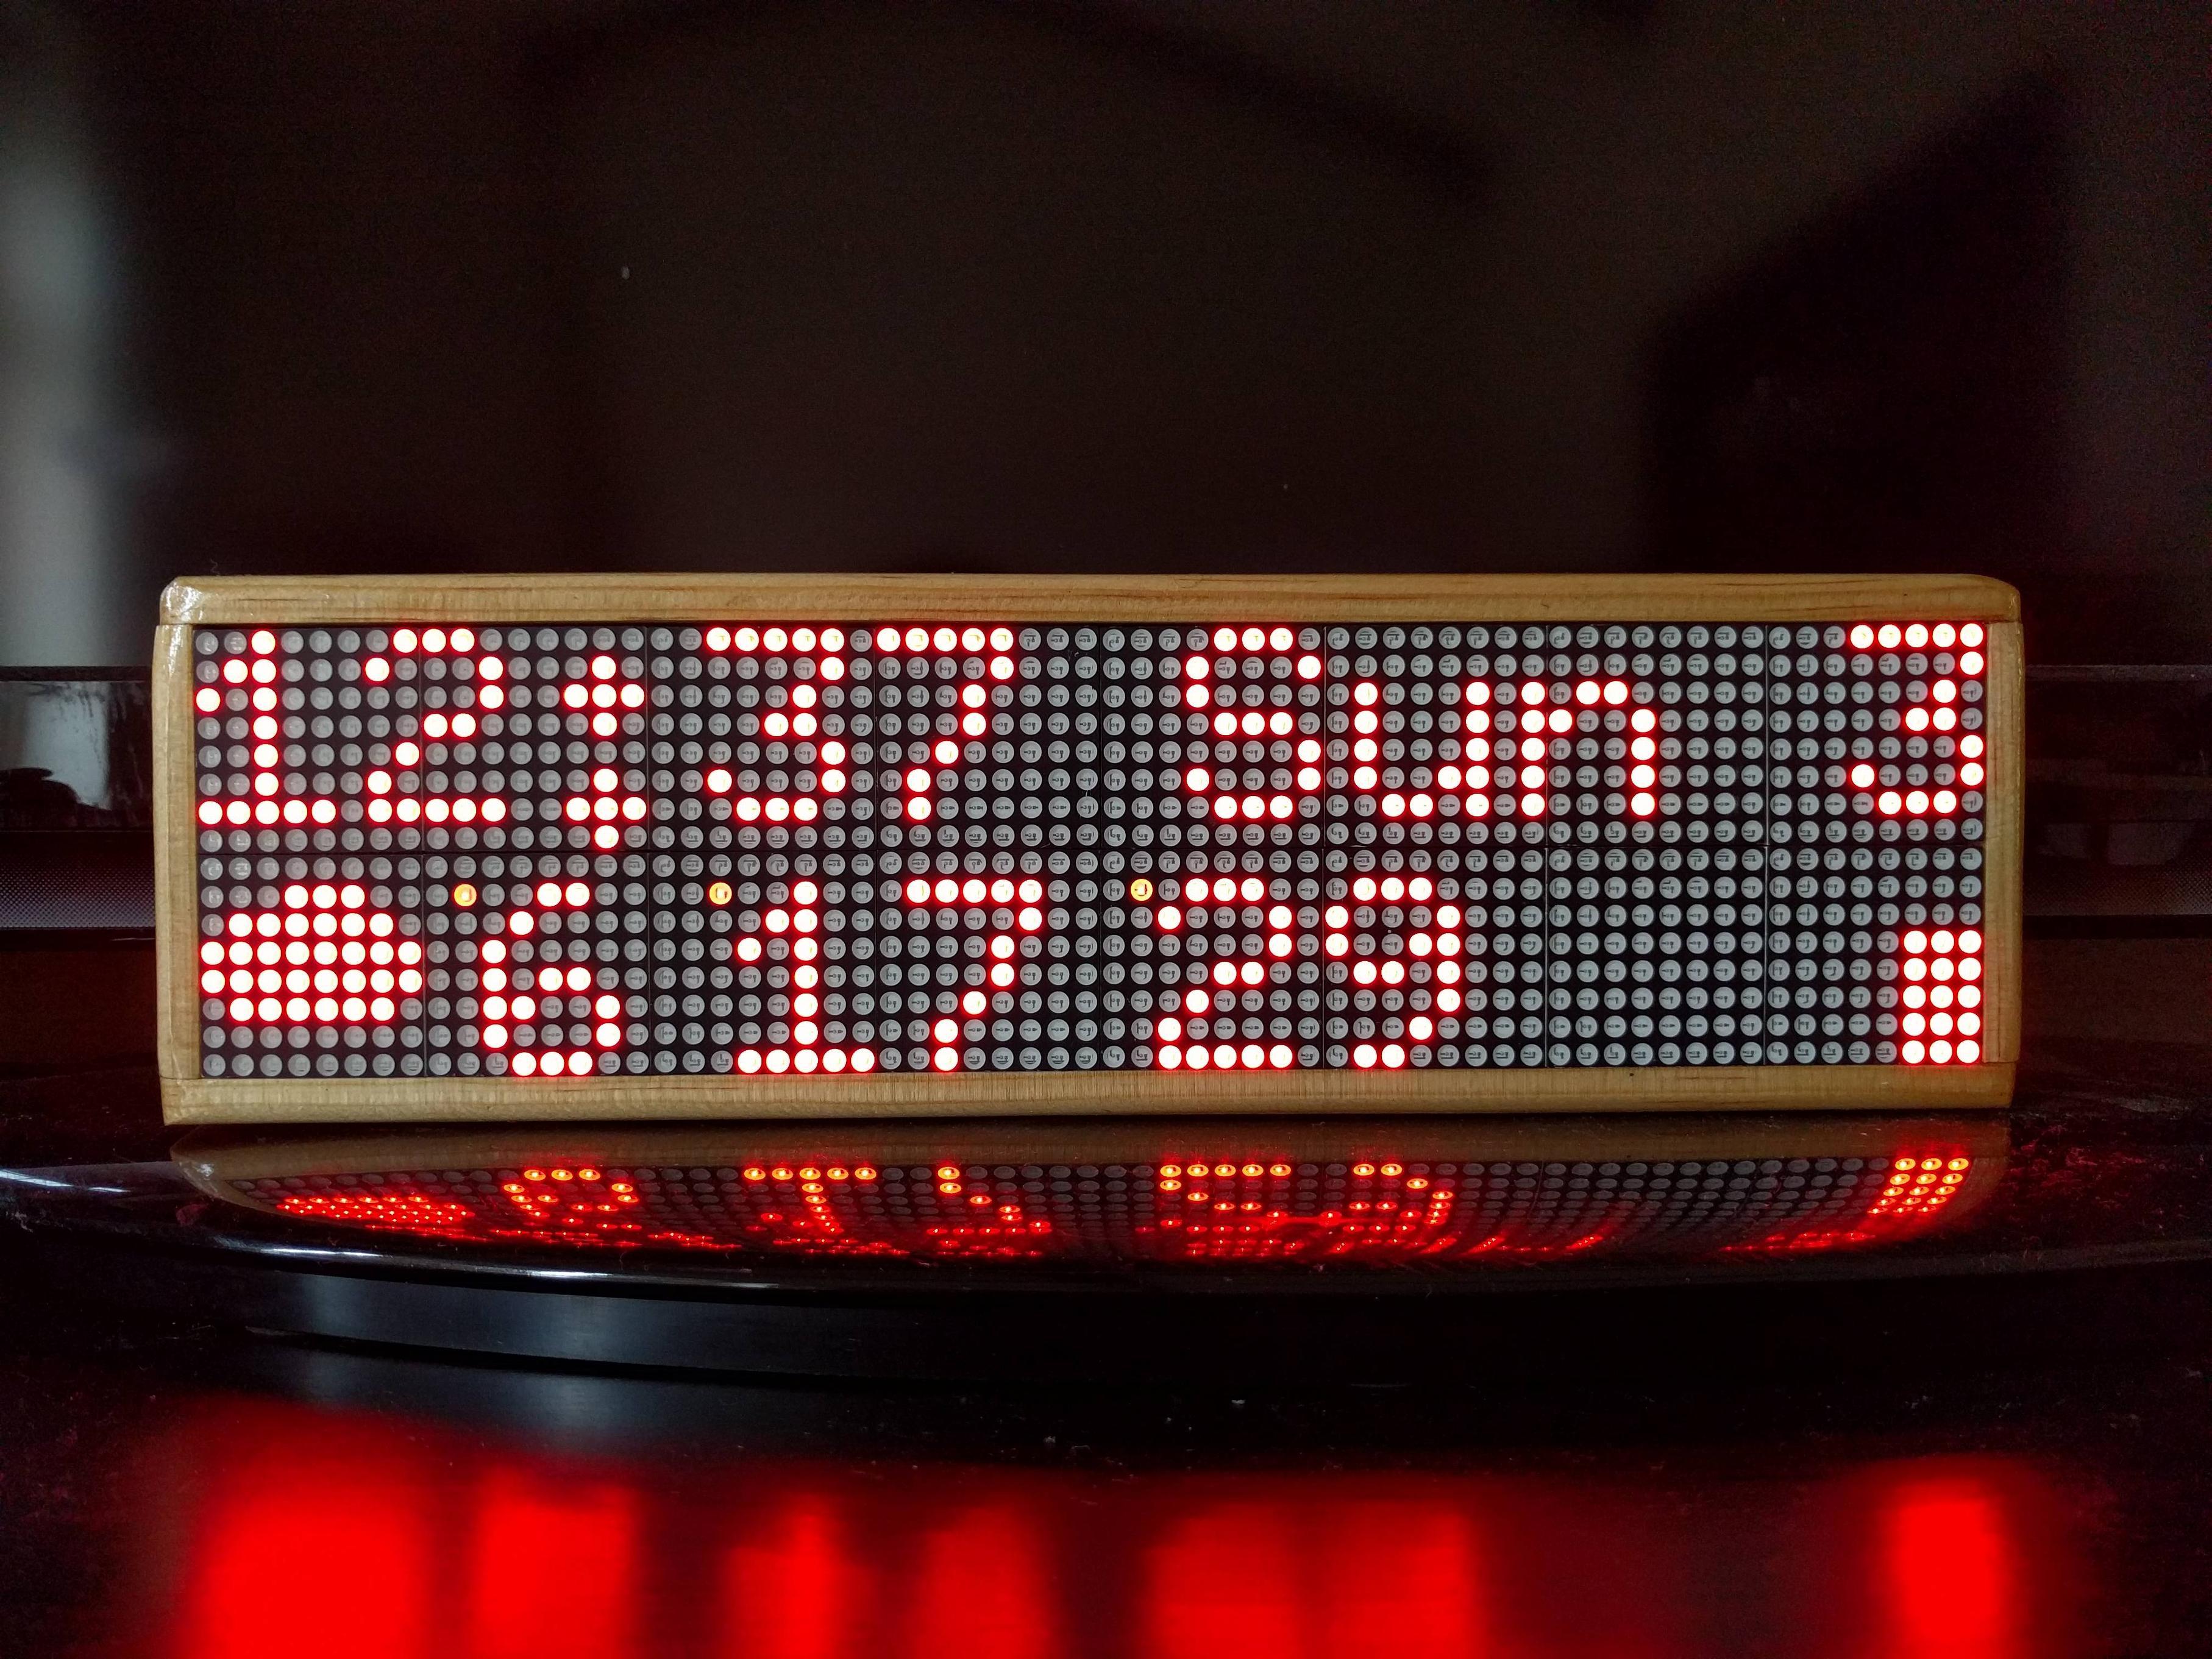 GitHub - lanrat/led-clock: